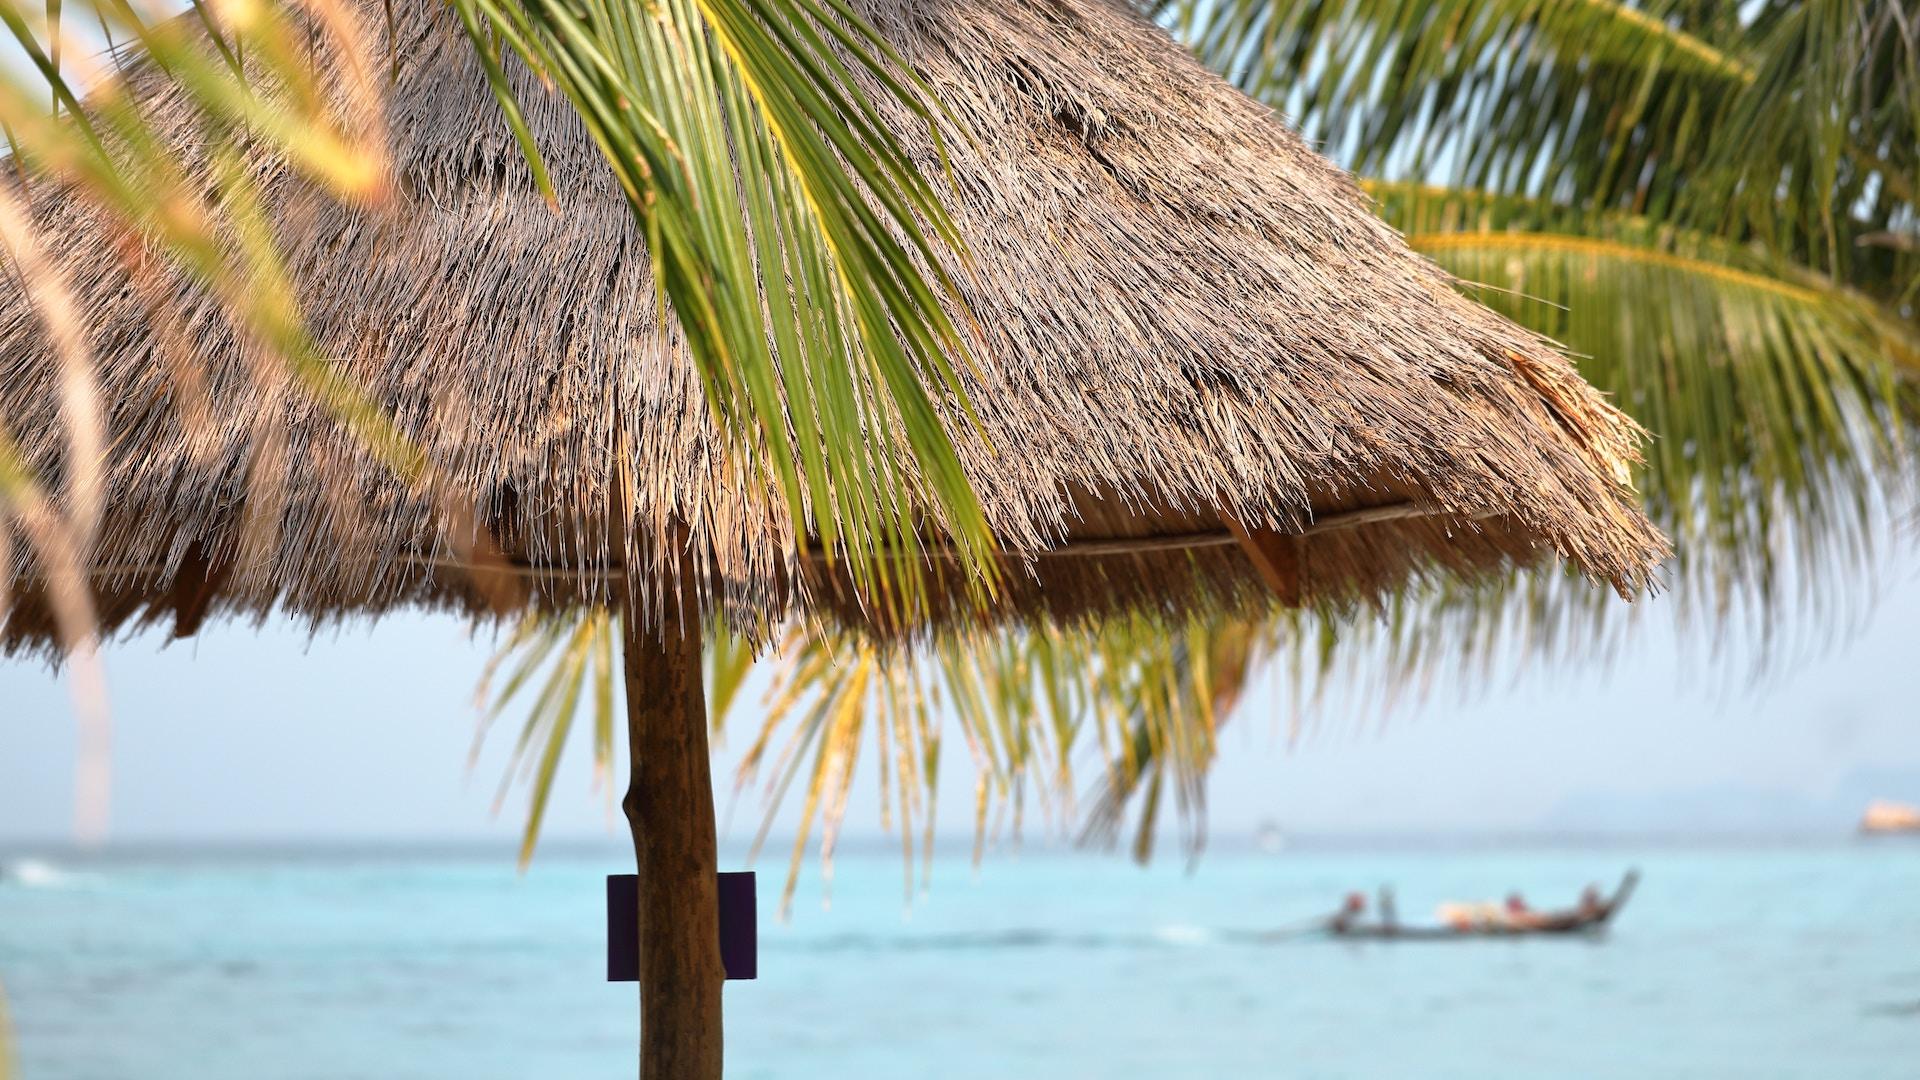 tiki hut with ocean in background.jpg